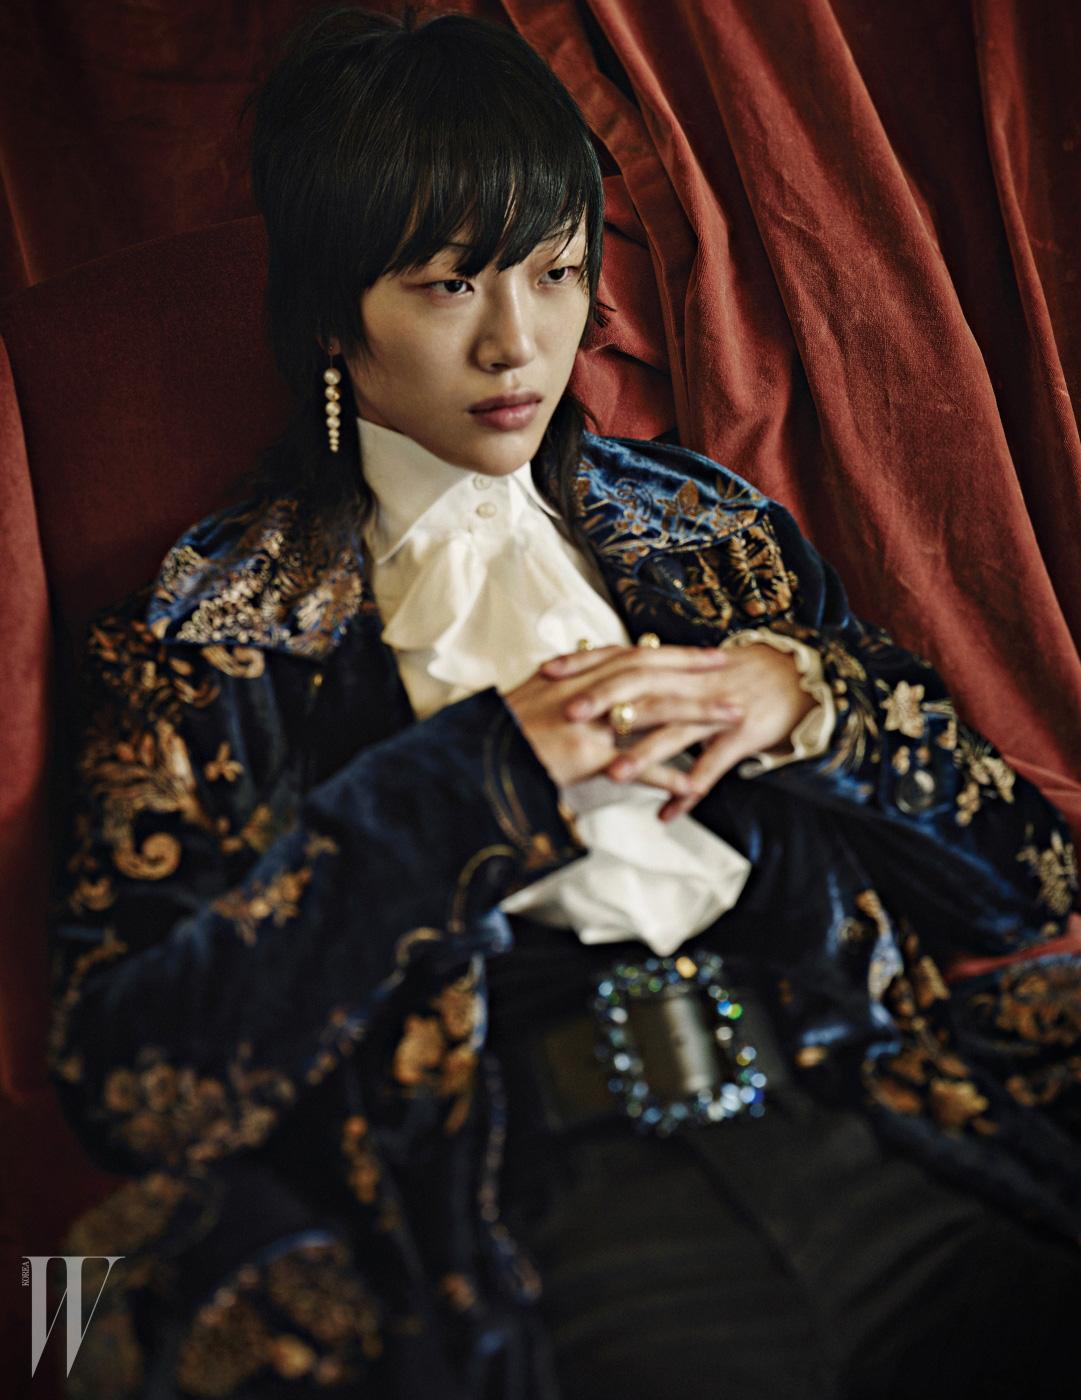 러플 장식의 화이트 셔츠, 로브 형태의 화려한 벨벳 코트는 Ralph Lauren Collection, 푸른색 크리스털 장식의 볼드한 버클이 돋보이는 가죽 벨트는 Escada, 조형적인 스트레치드 펄 귀고리와 반지는 모두 Tasaki 제품.